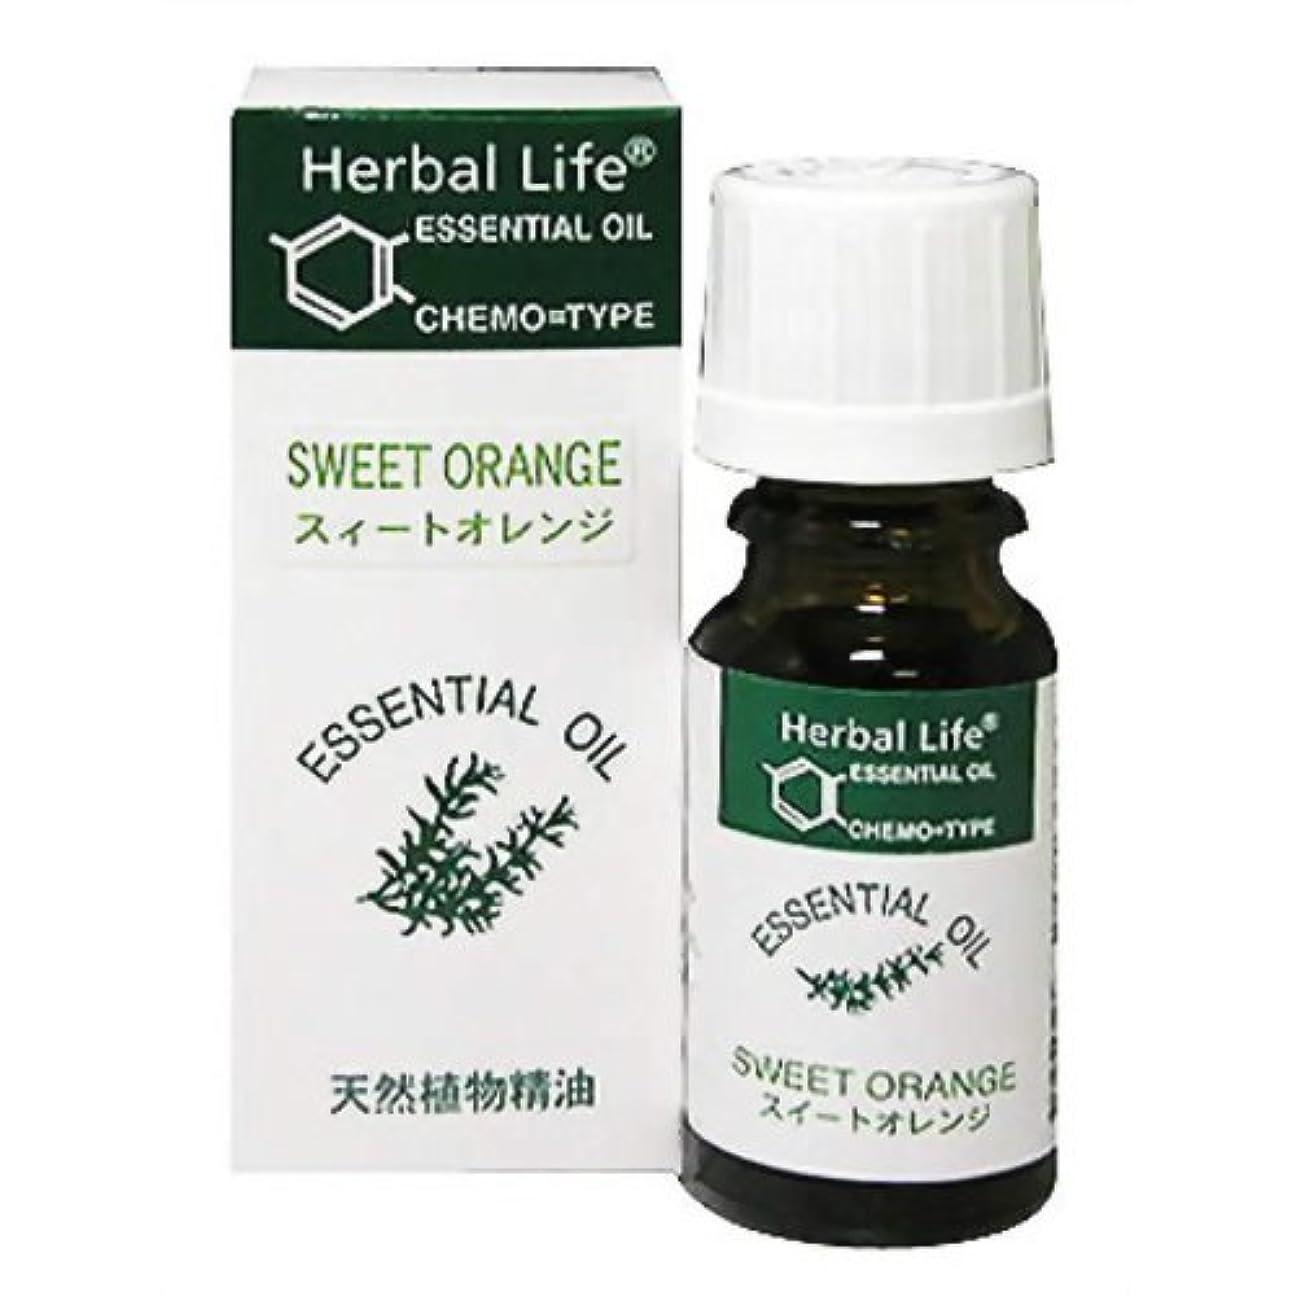 苗不健康壮大な生活の木 Herbal Life スィートオレンジ 10ml